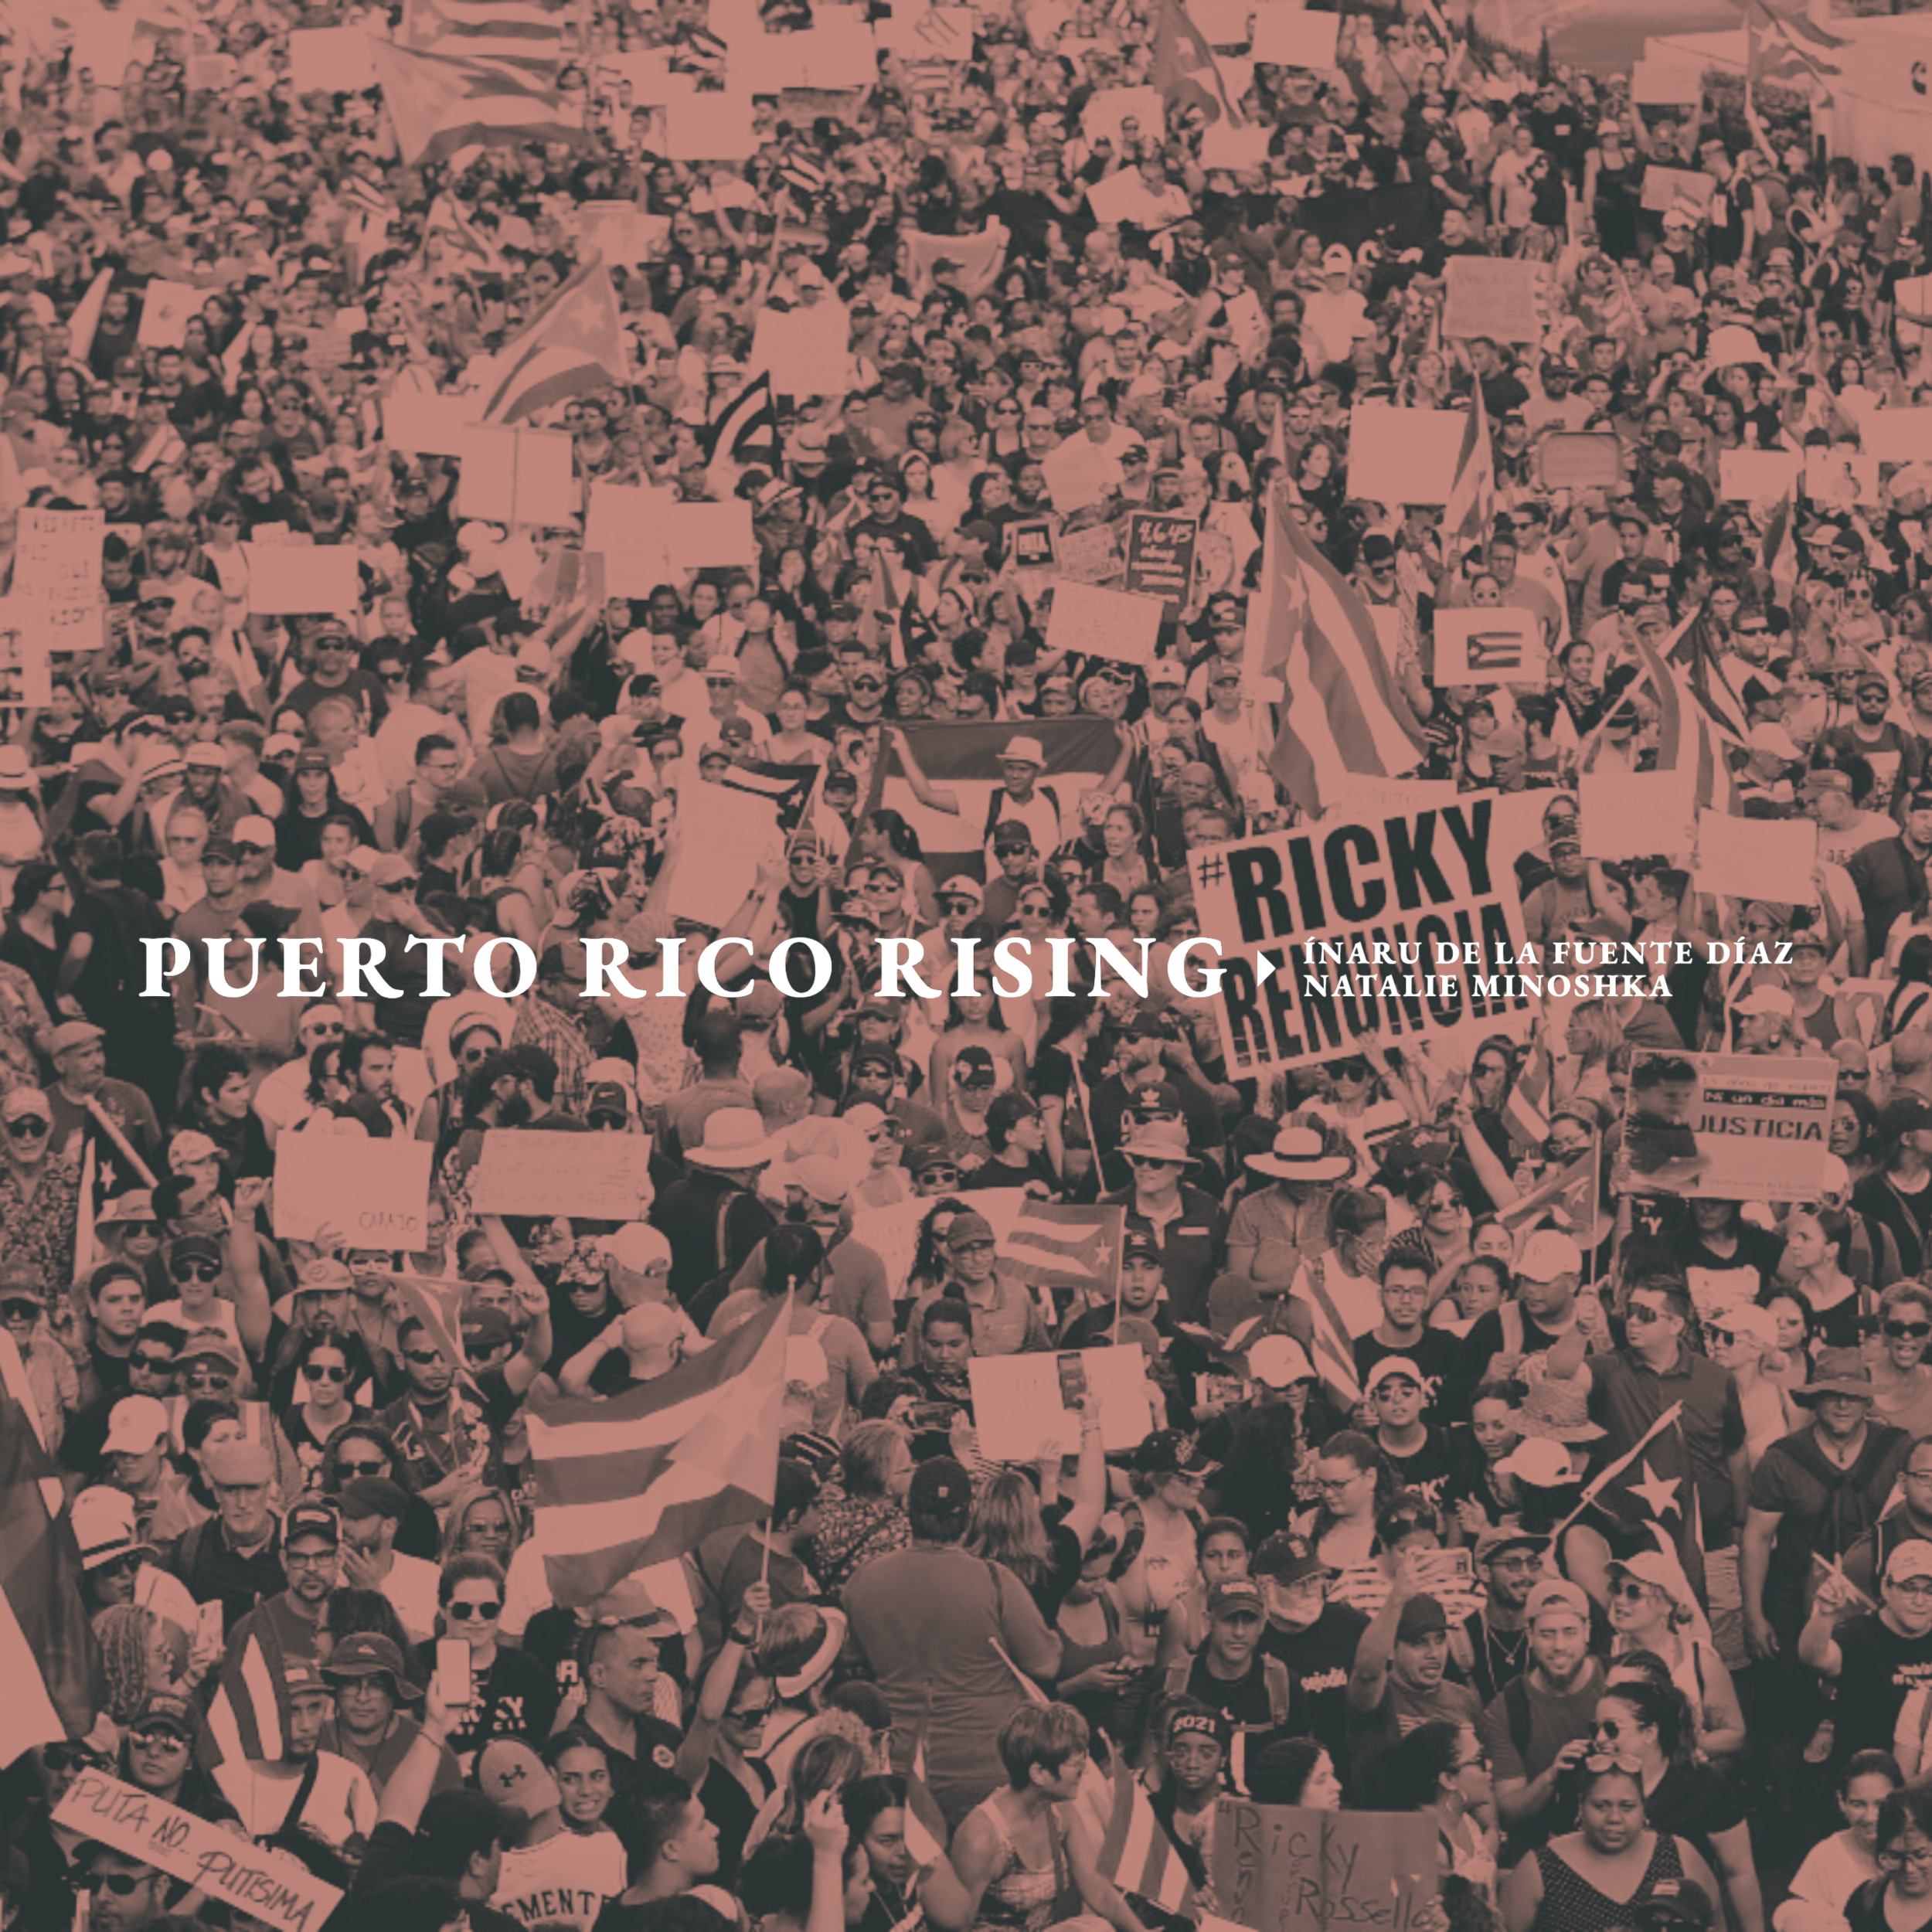 #203 | Puerto Rico Rising: Ricky Renuncia w/ Natalie Minoshka & Ínaru de la Fuente Díaz